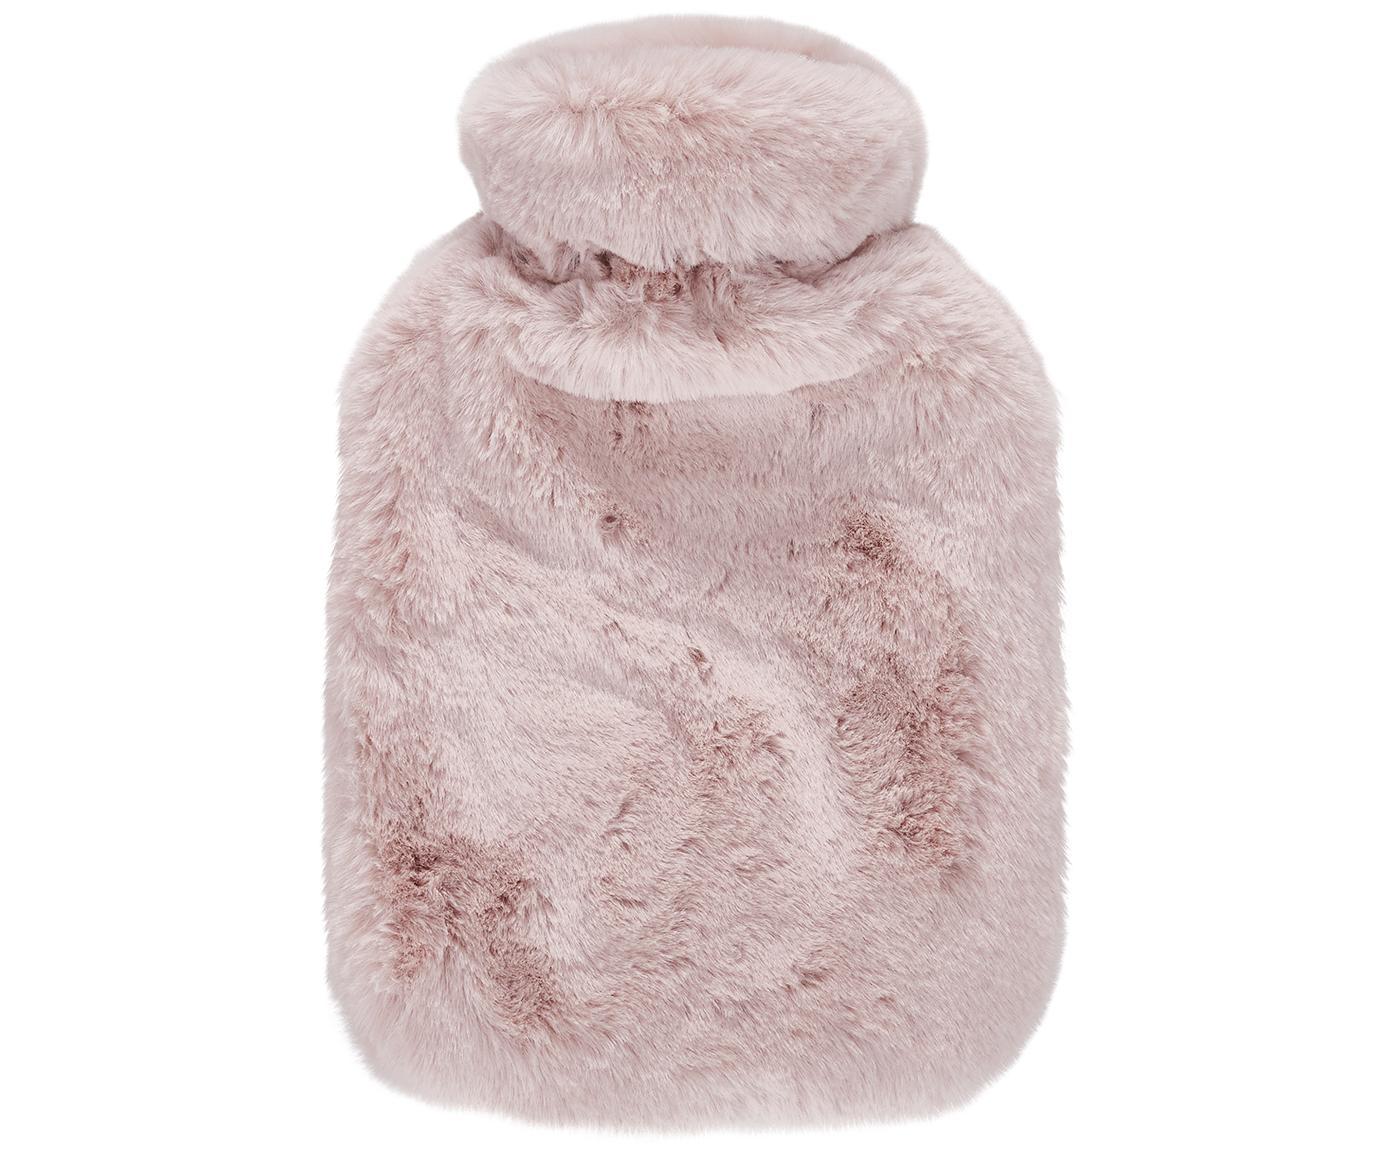 Borsa dell'acqua calda in pelliccia sintetica Mette, Rivestimento: 100% poliestere, Rosa, Larg. 20 x Lung. 32 cm